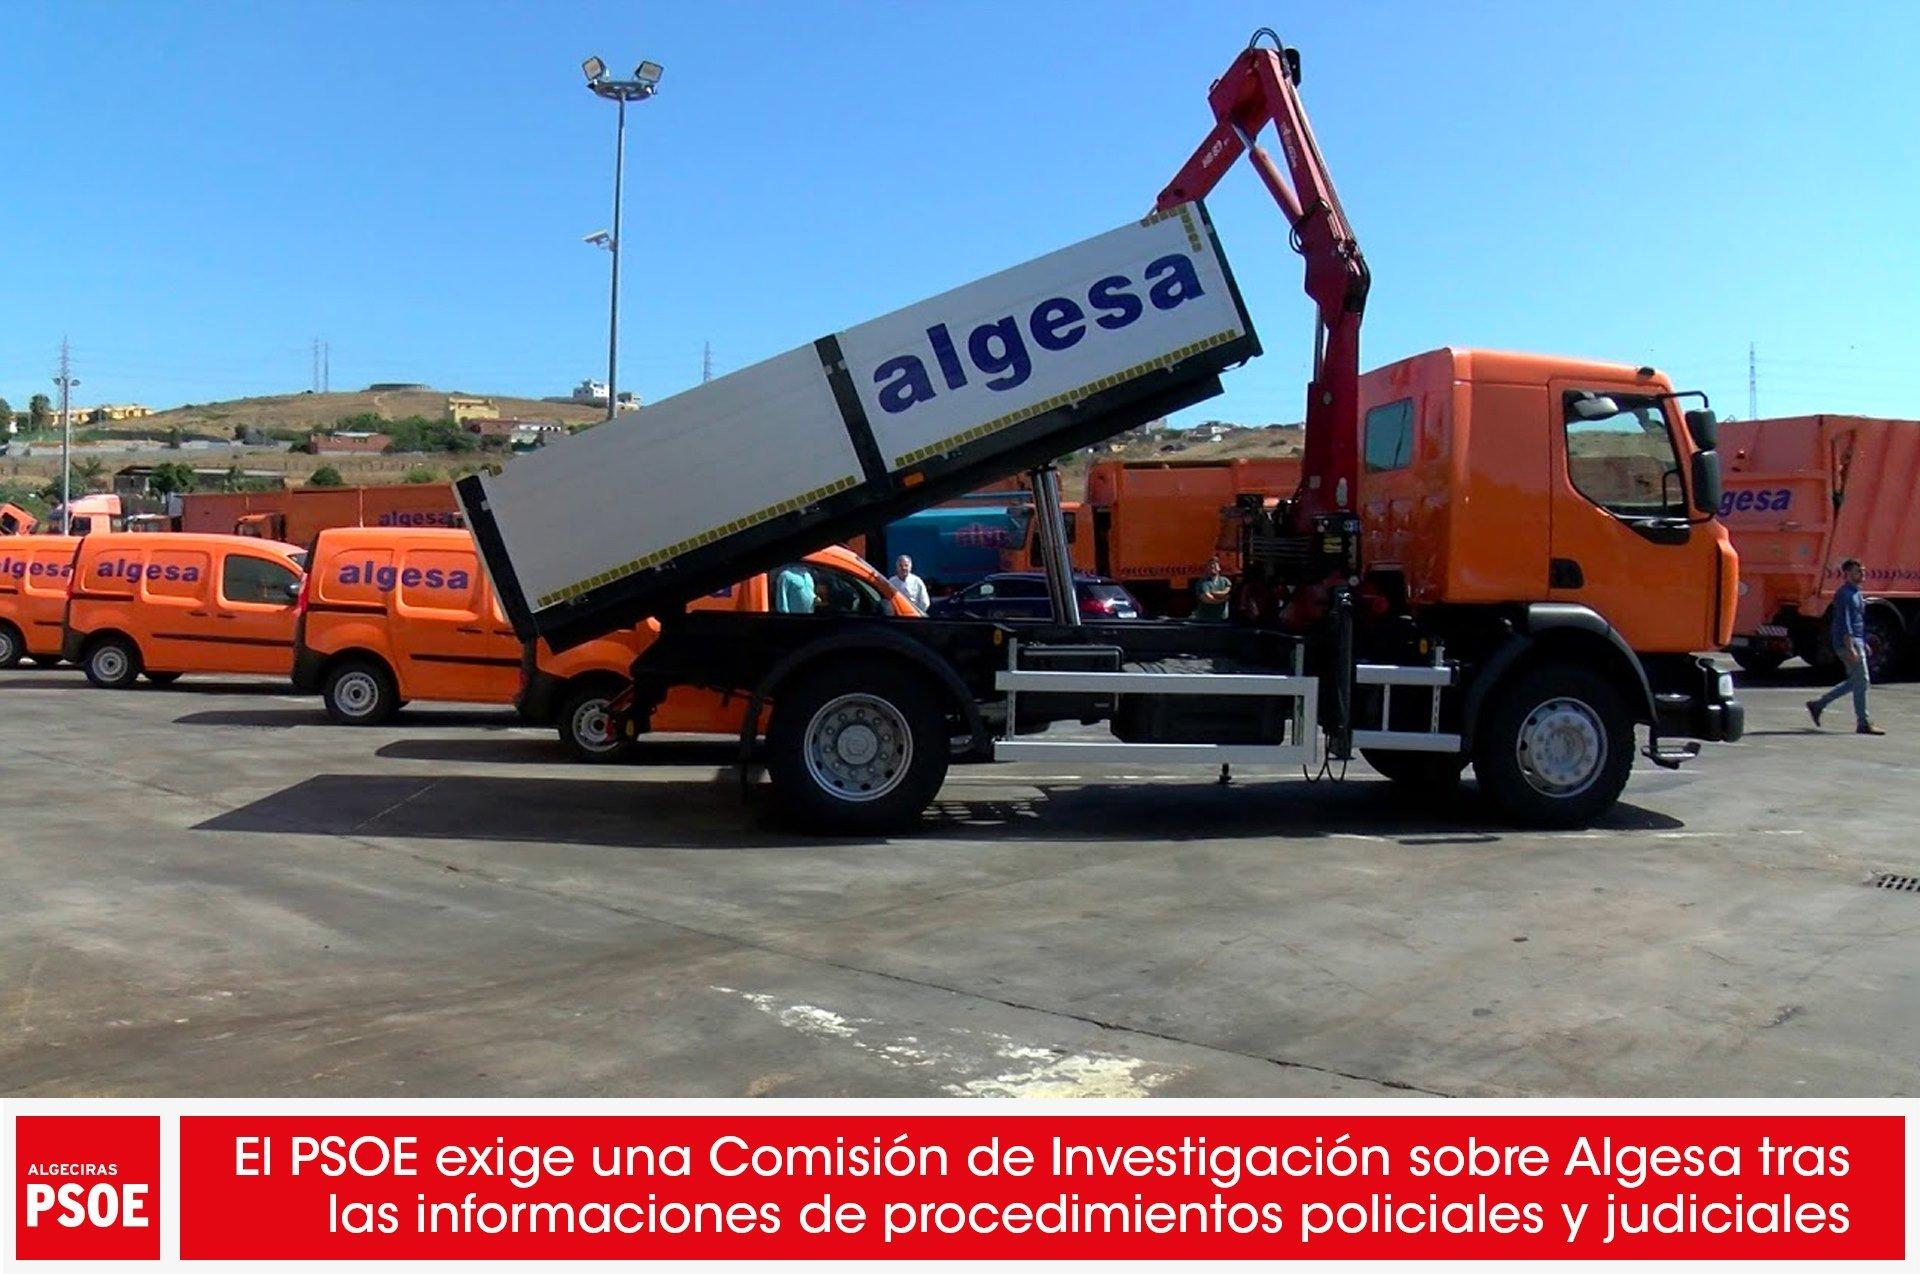 El PSOE exige una Comisión de Investigación sobre Algesa tras las informaciones de procedimientos policiales y judiciales